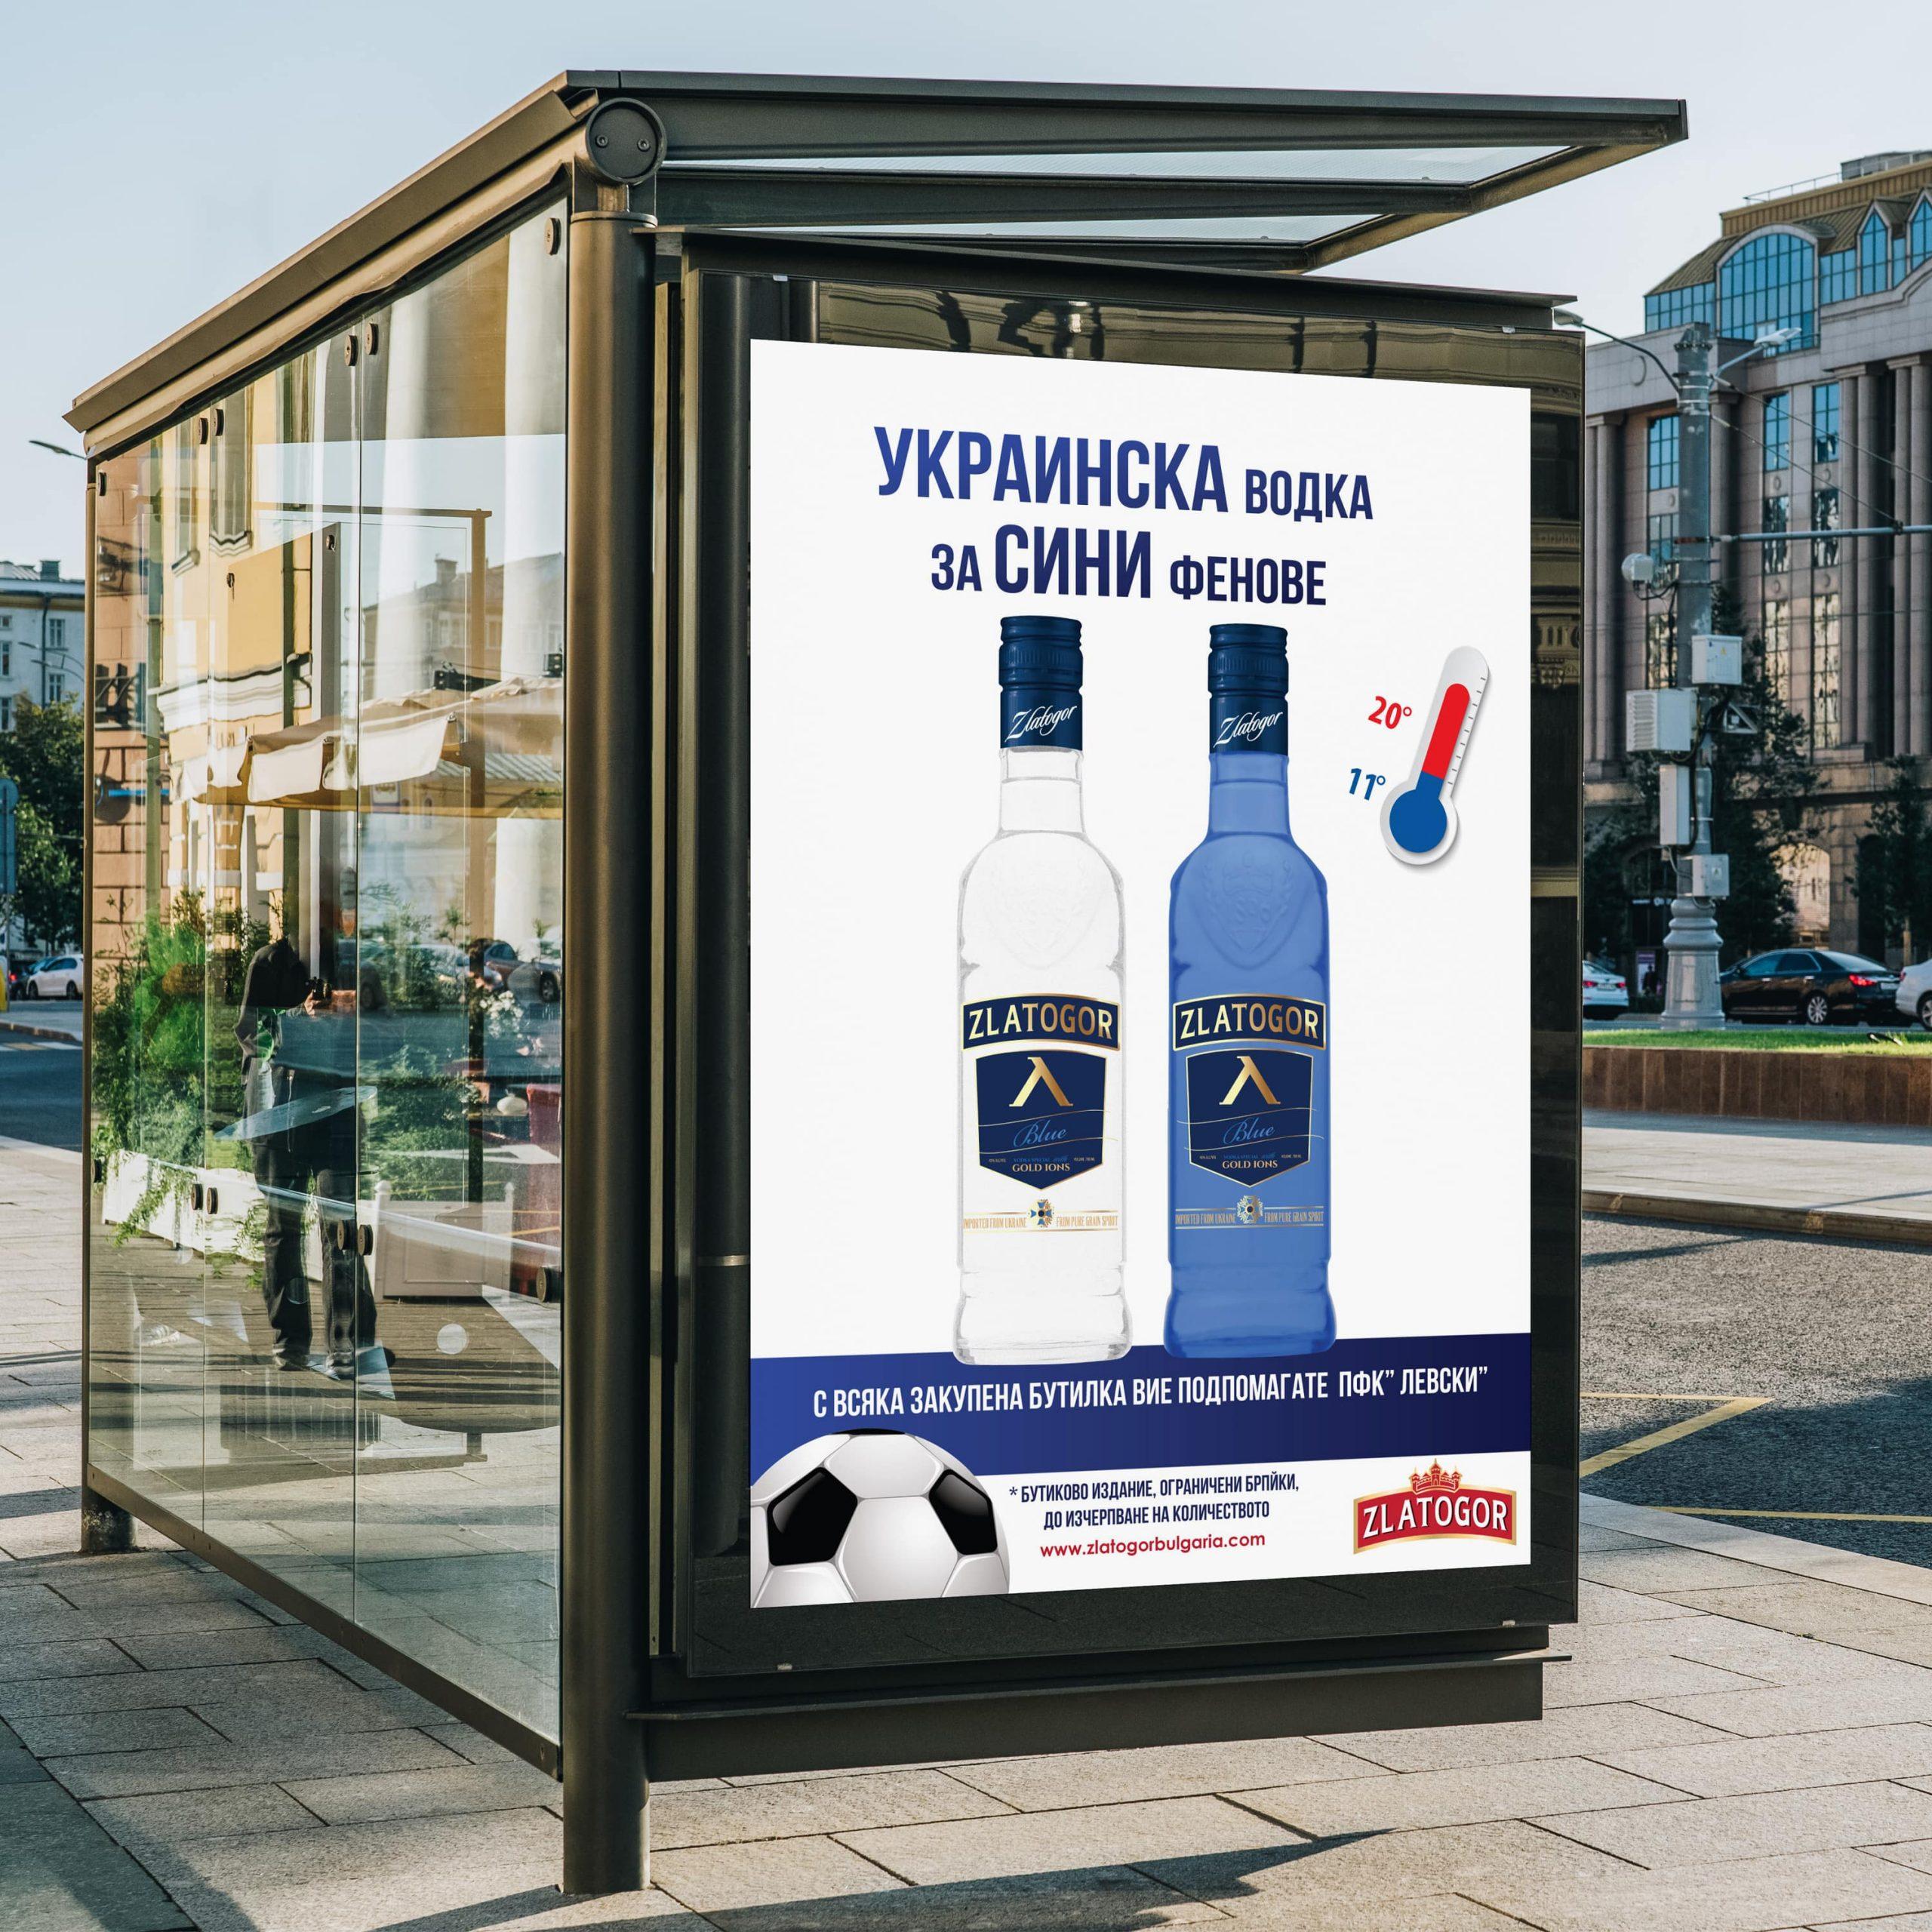 zlatogor blu- levski- poster design